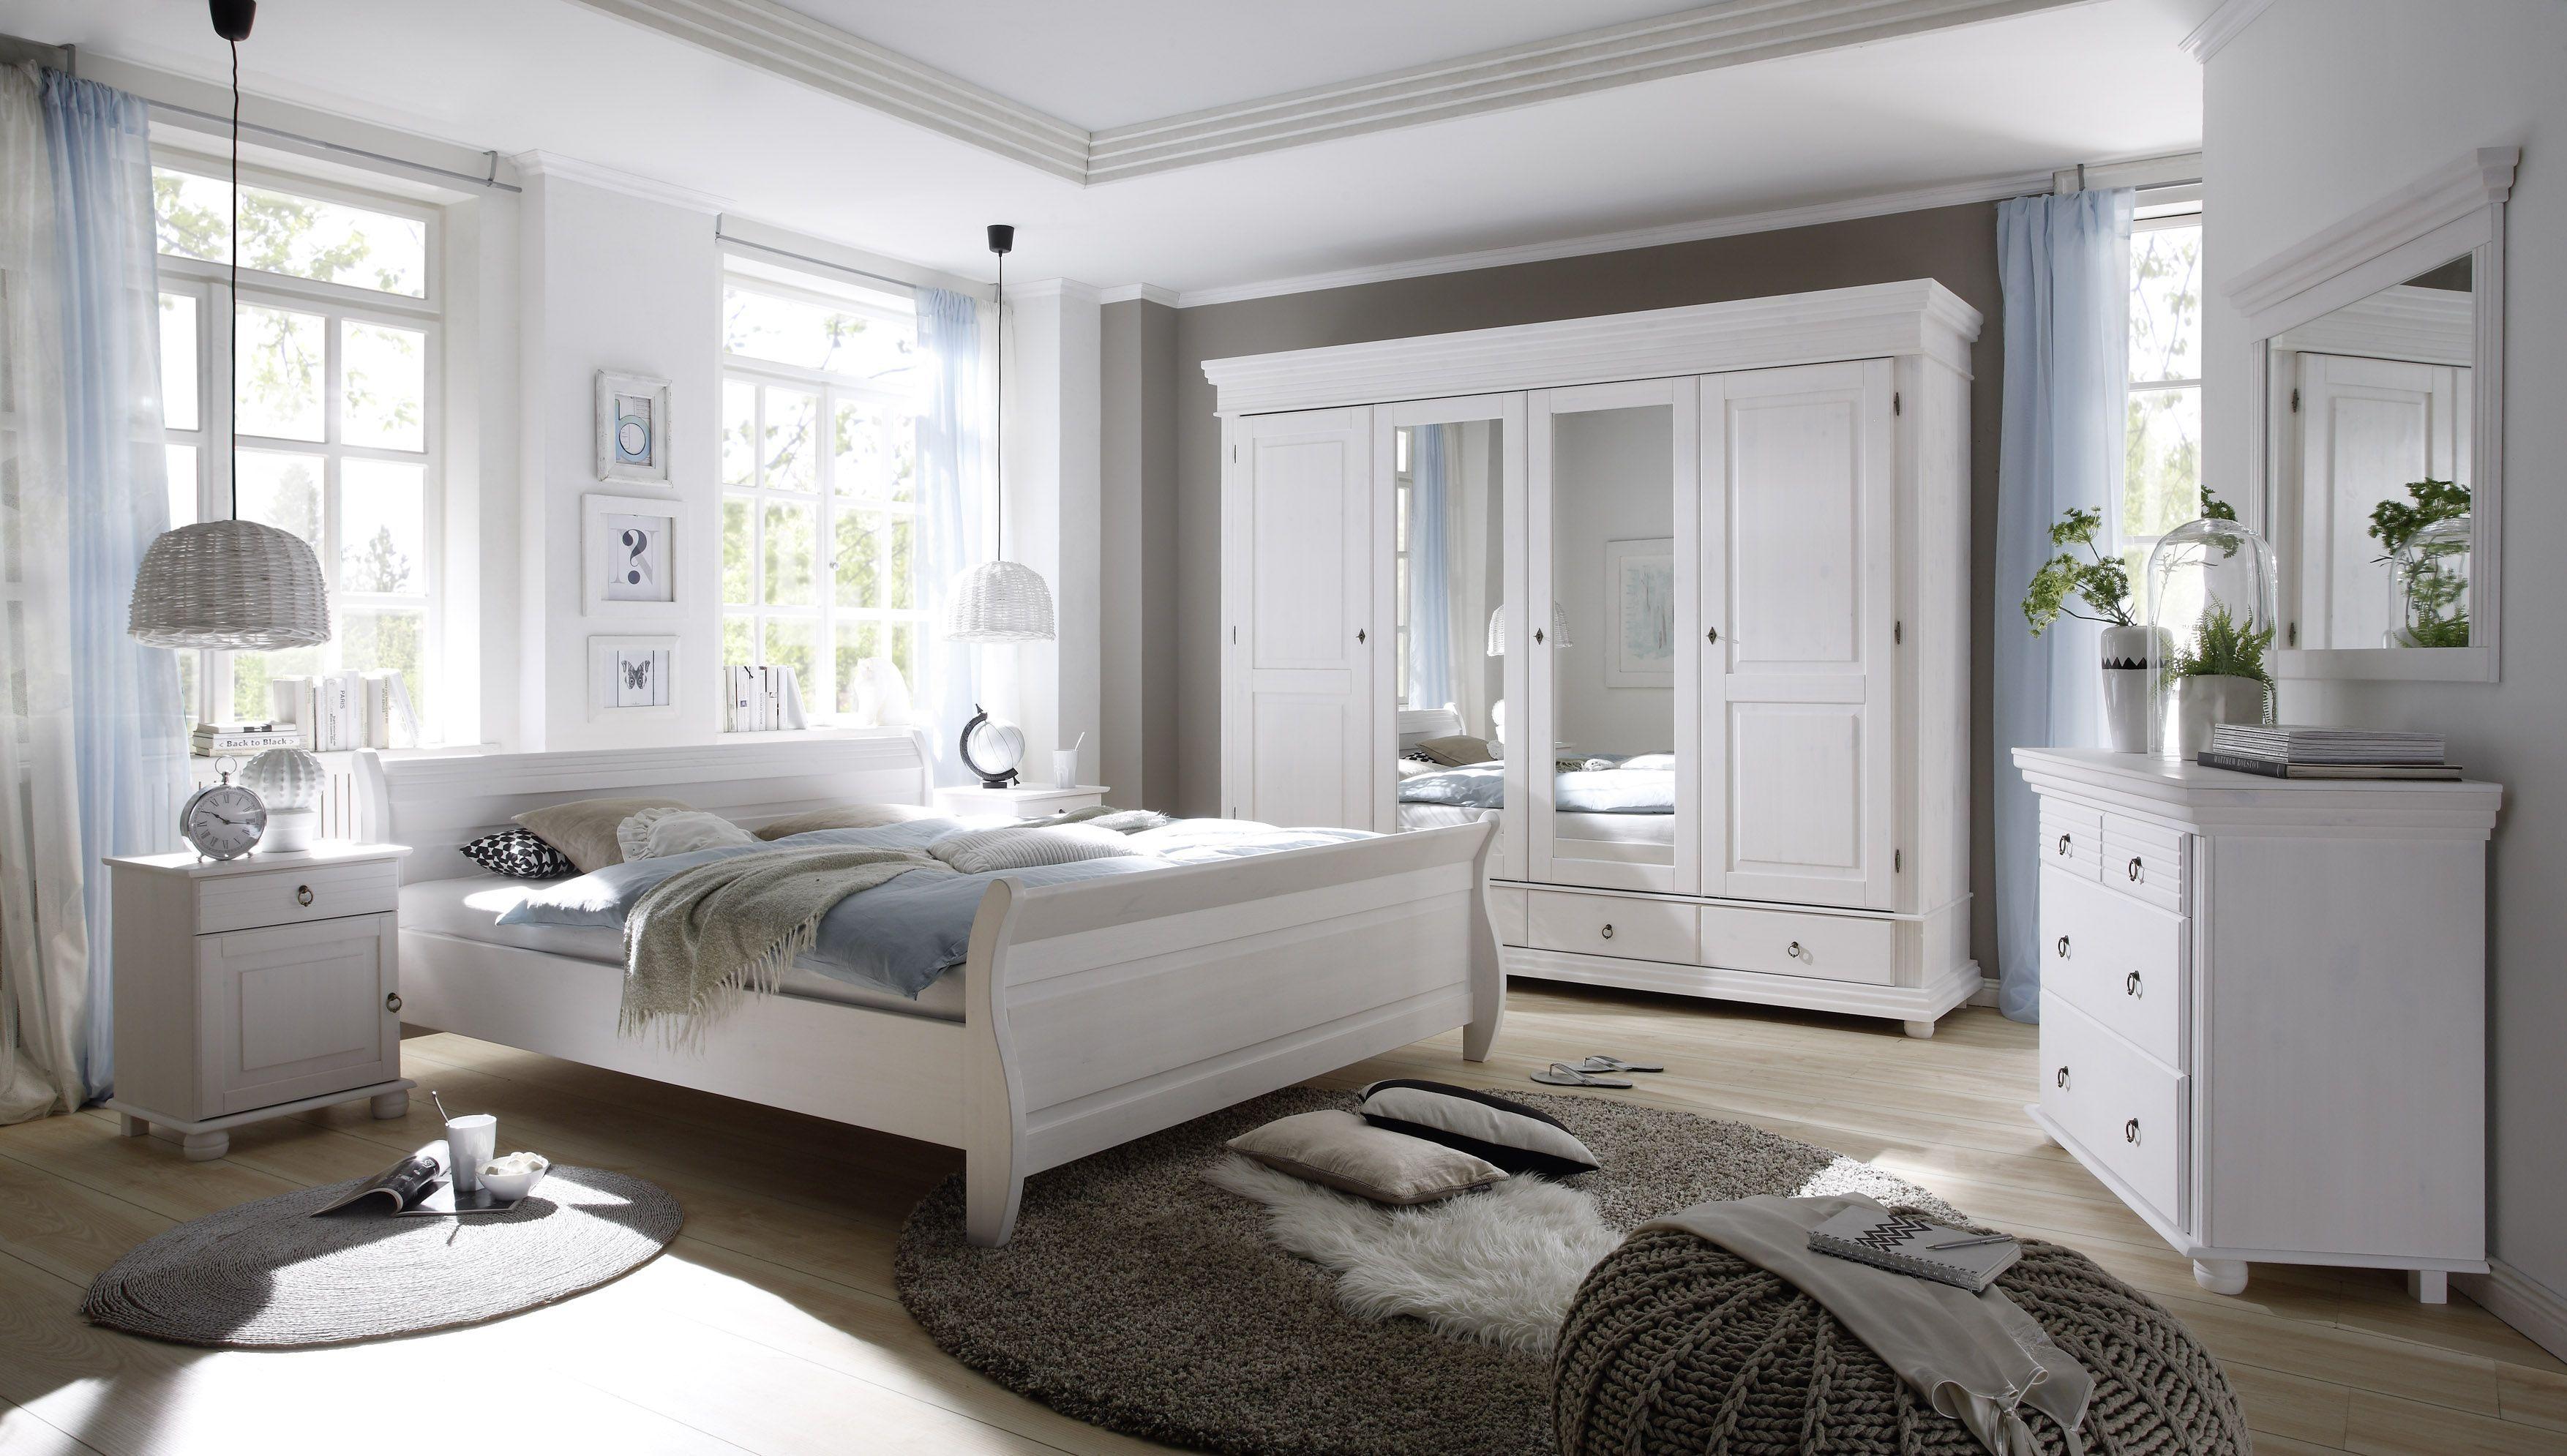 Fesselnd Schlafzimmer Mit Bett 180 X 200 Cm Massiv Kiefer Weiss Mit Maserung Woody  62 00184 Holz Landhaus Jetzt Bestellen Unter: ...